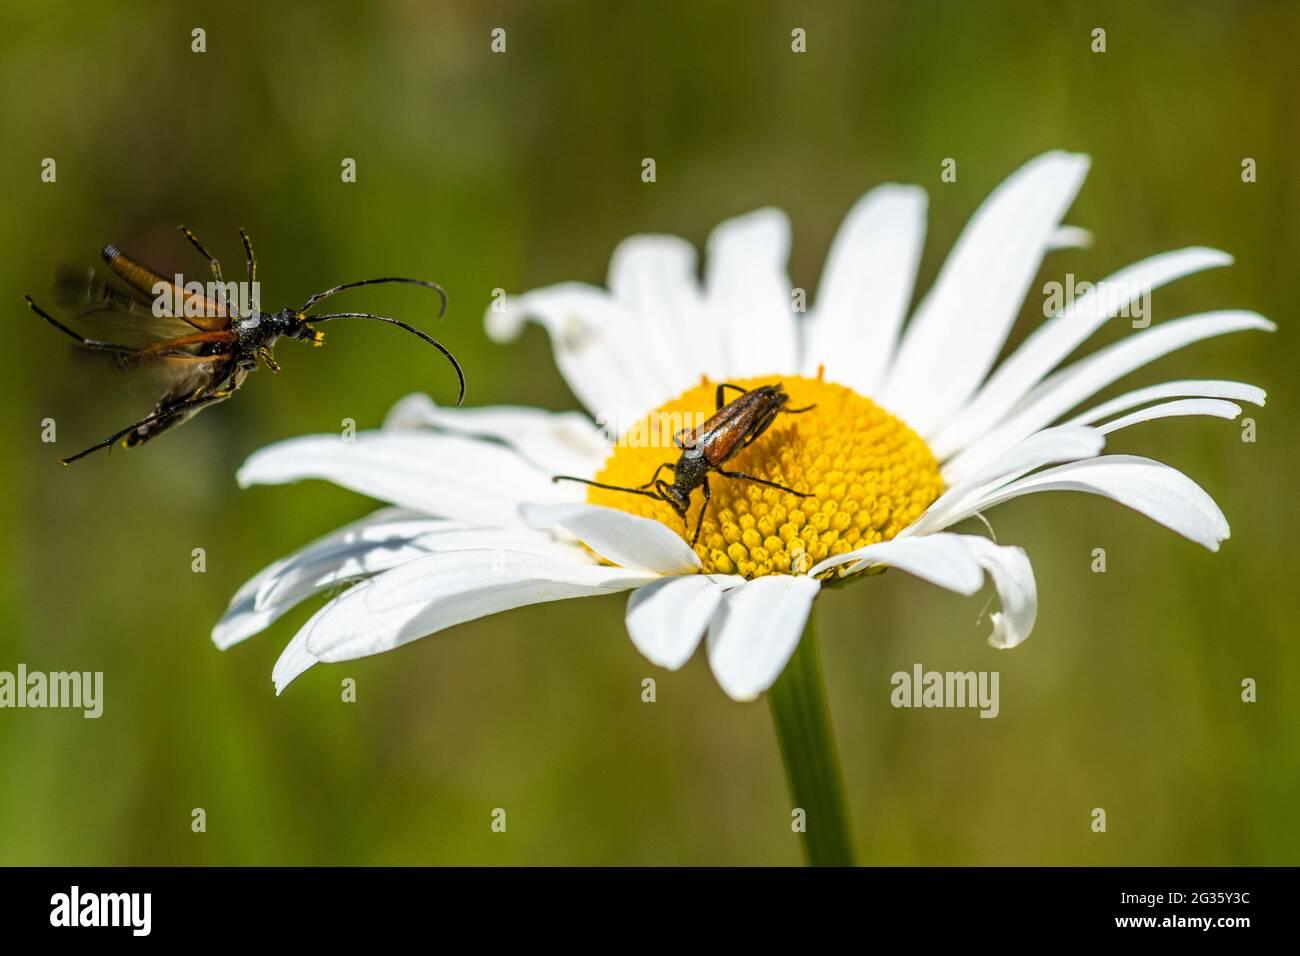 flower-longhorn-beetles-stenurella-melanura-with-a-beetle-flying-towards-on-an-oxeye-daisy-leucanthemum-vulgare-uk-2G35Y3C.jpg